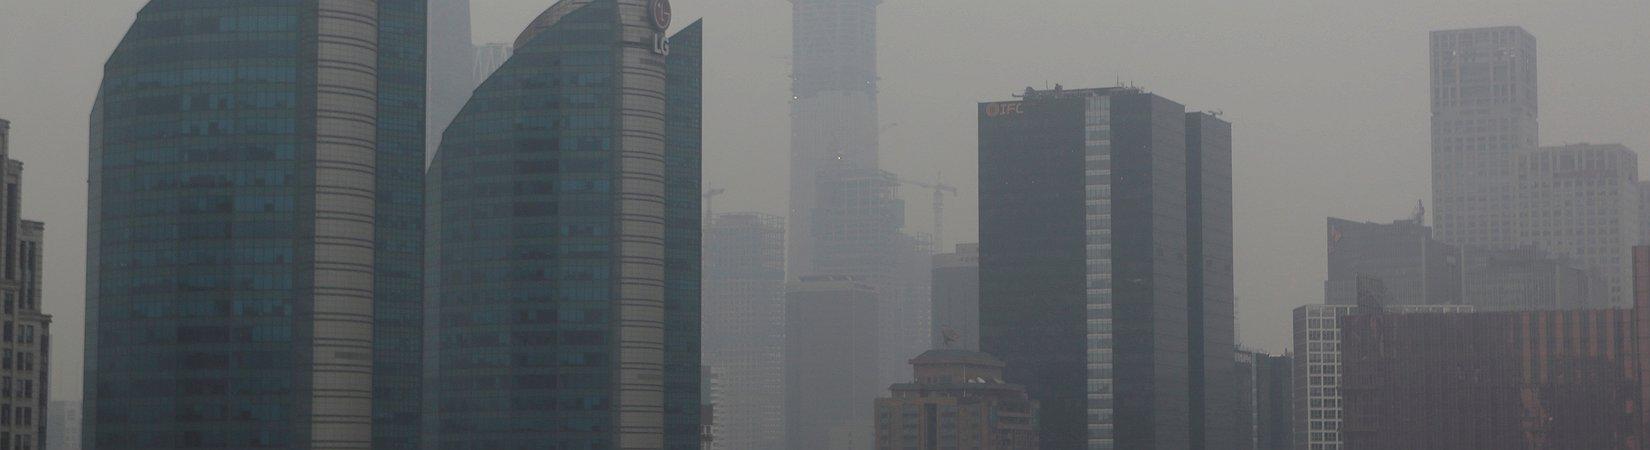 Moody's rebaja la calificación crediticia de China por primera vez desde 1989